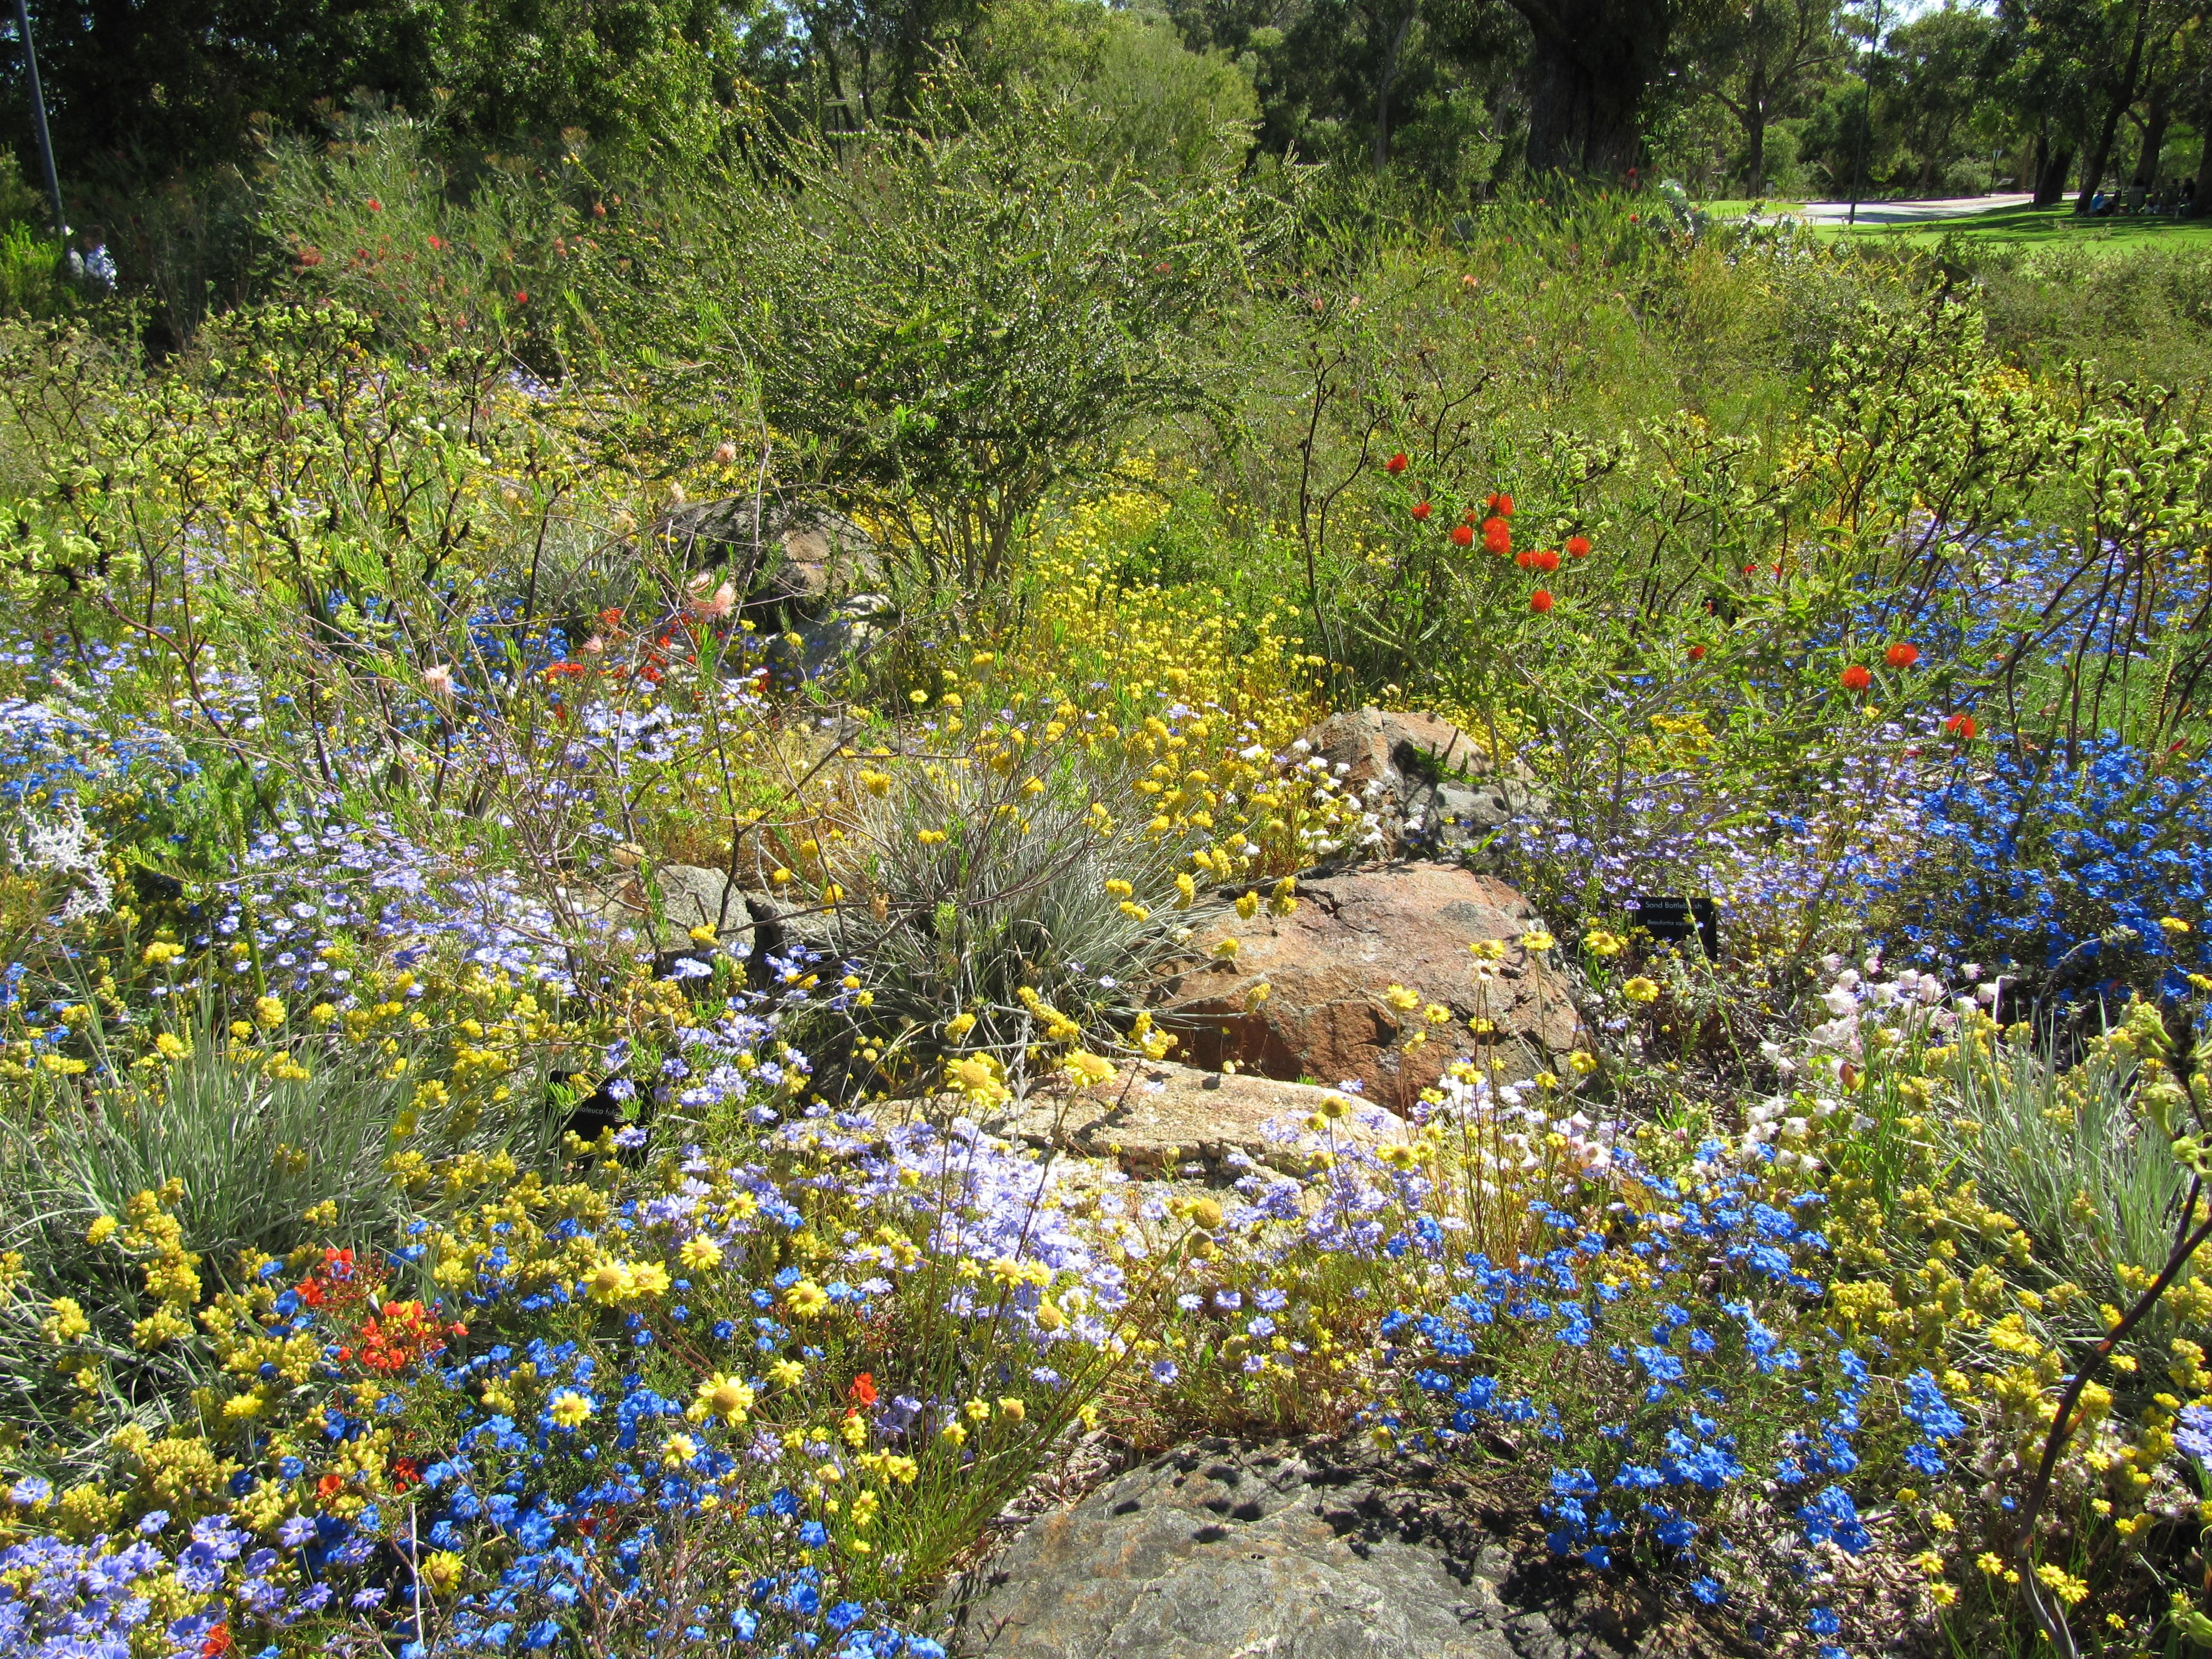 Image De Parterre De Fleurs file:parterre de fleurs perth - wikimedia commons